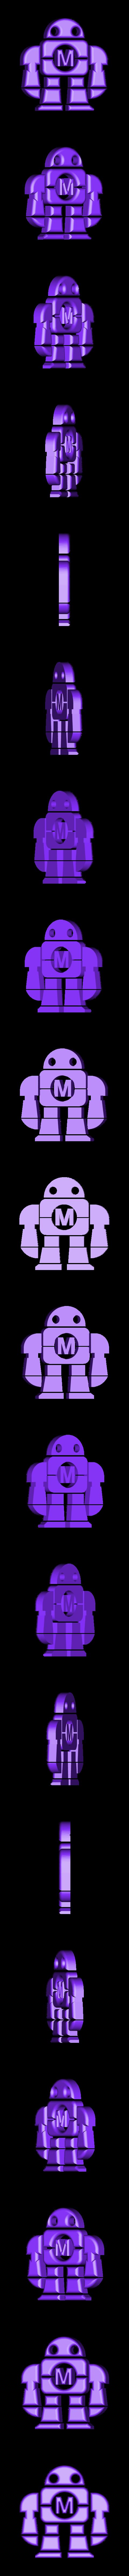 MakeRobot.STL Download free STL file Maker Faire LED Robot sign/nightlight • 3D printer object, Balkhagal4D